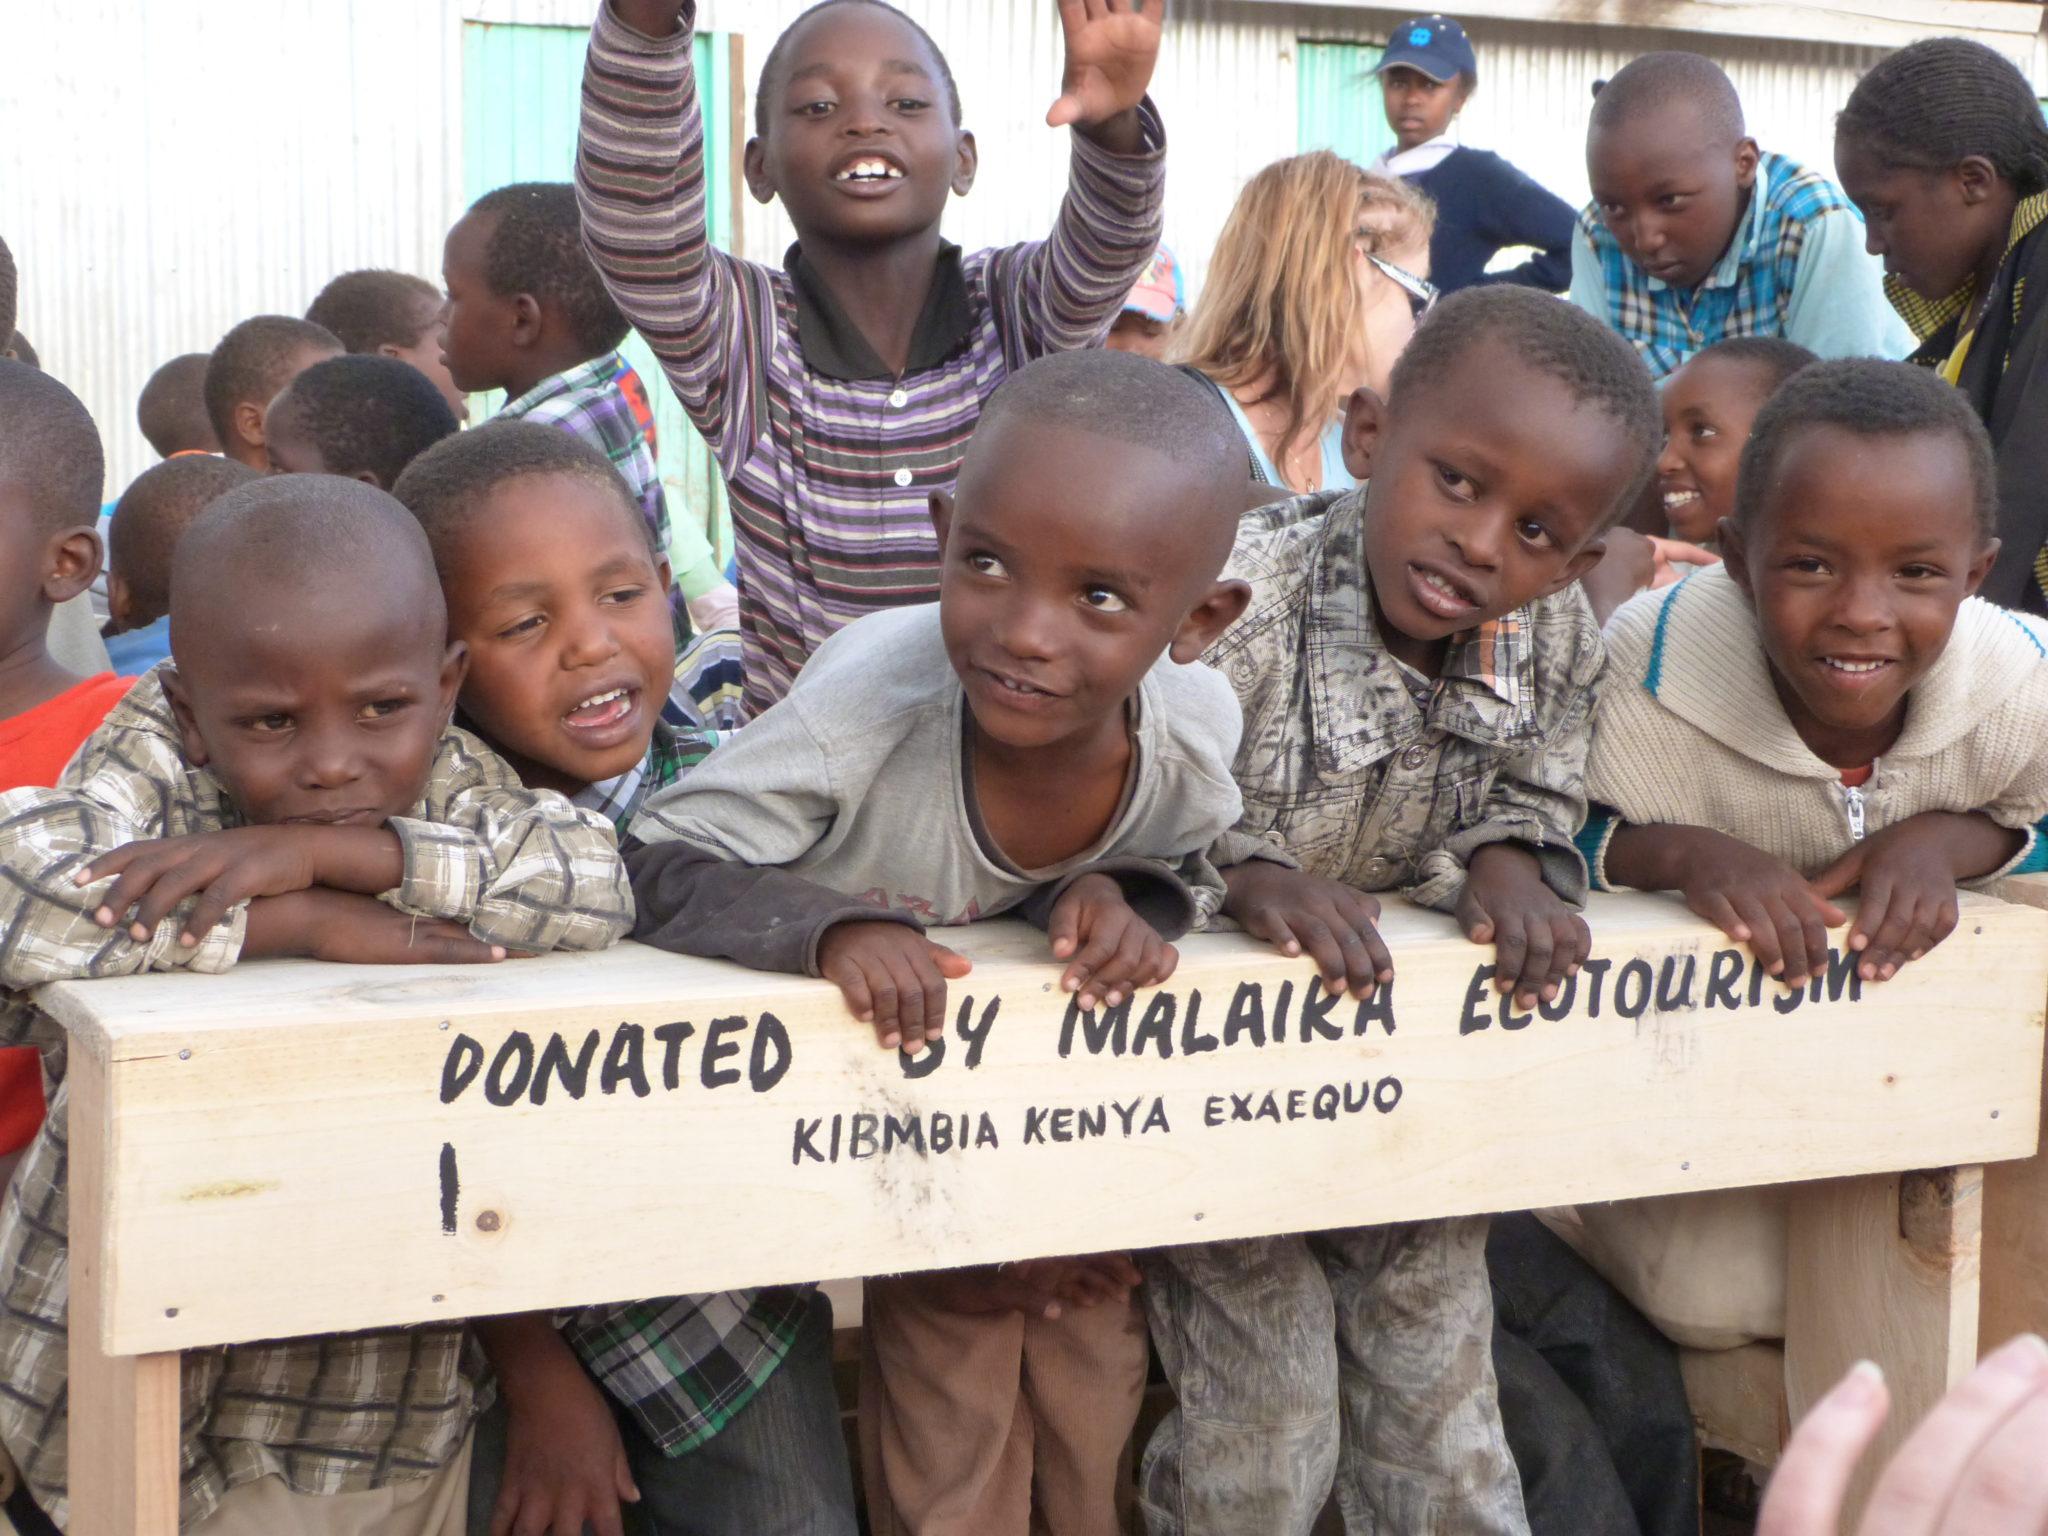 Soutenez les écoliers kényans !